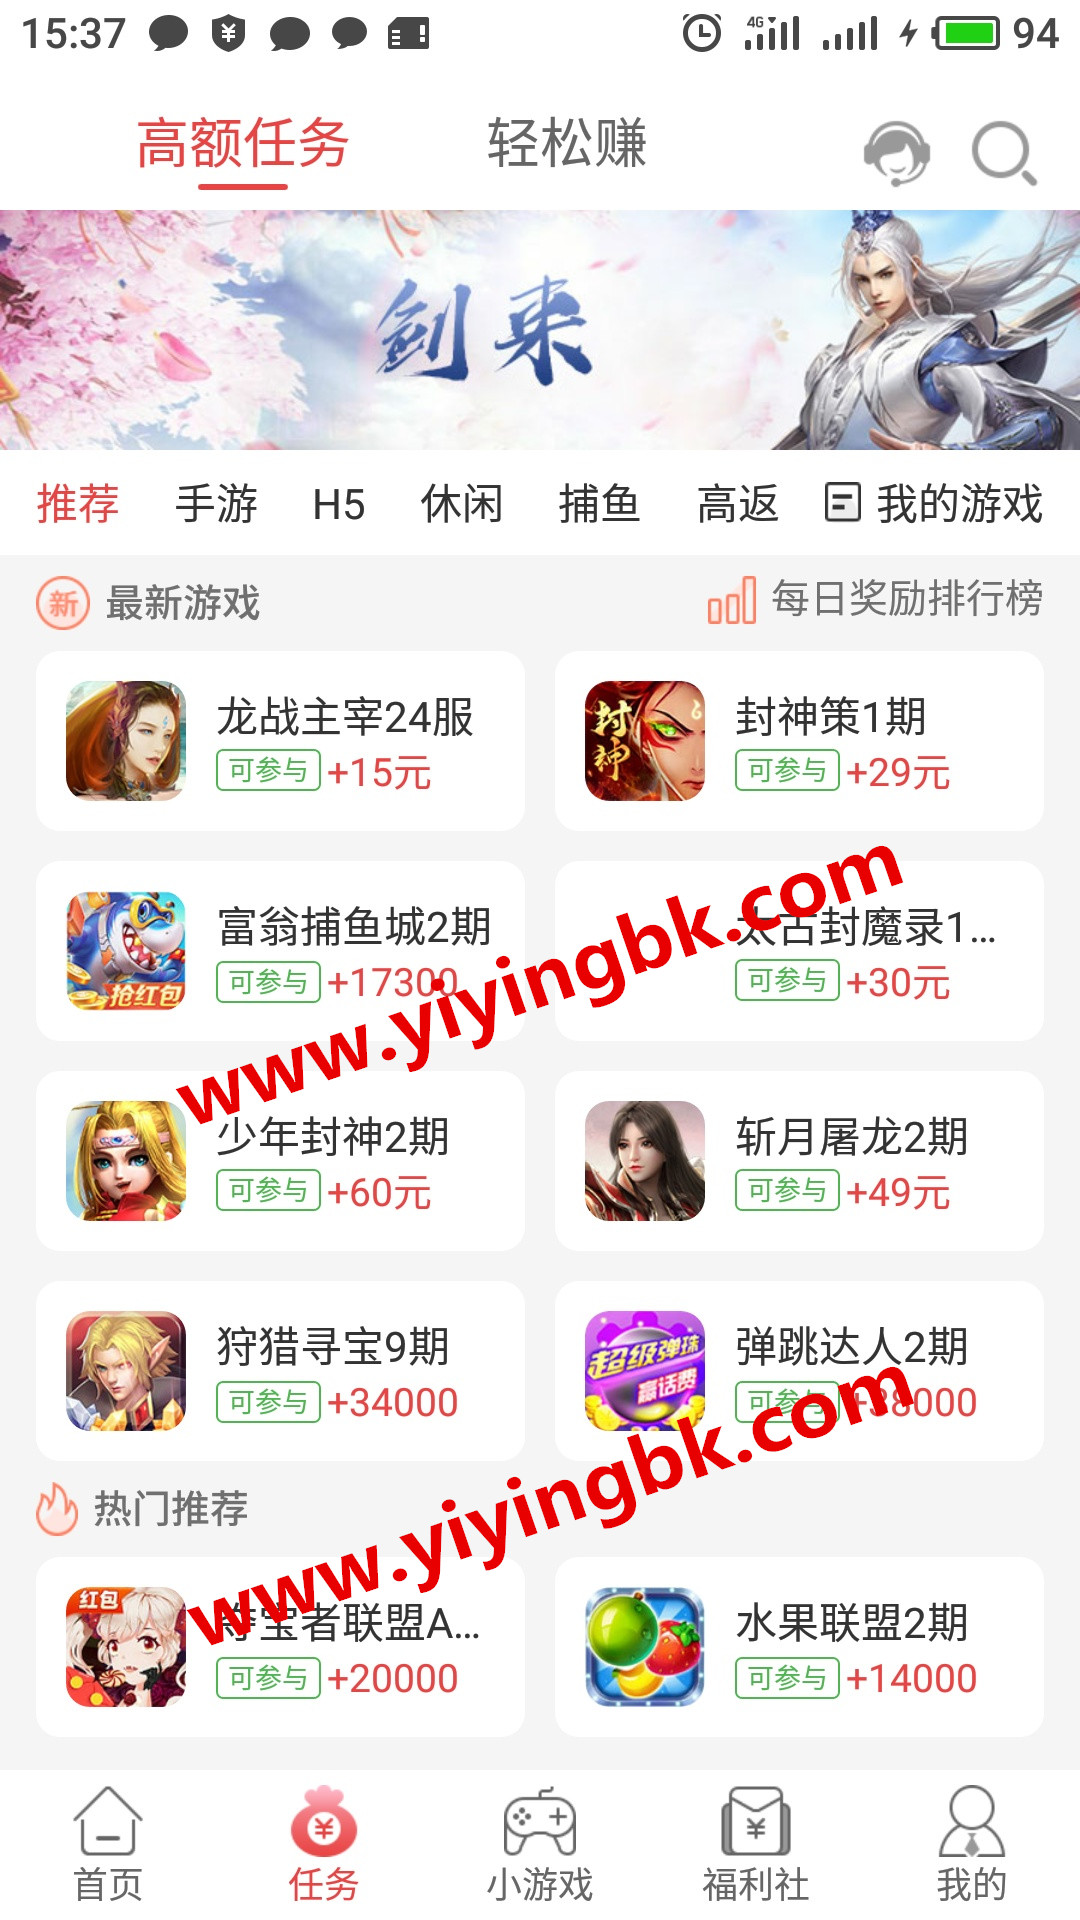 推荐手机赚钱游戏,可以提现微信和支付宝。www.yiyingbk.com